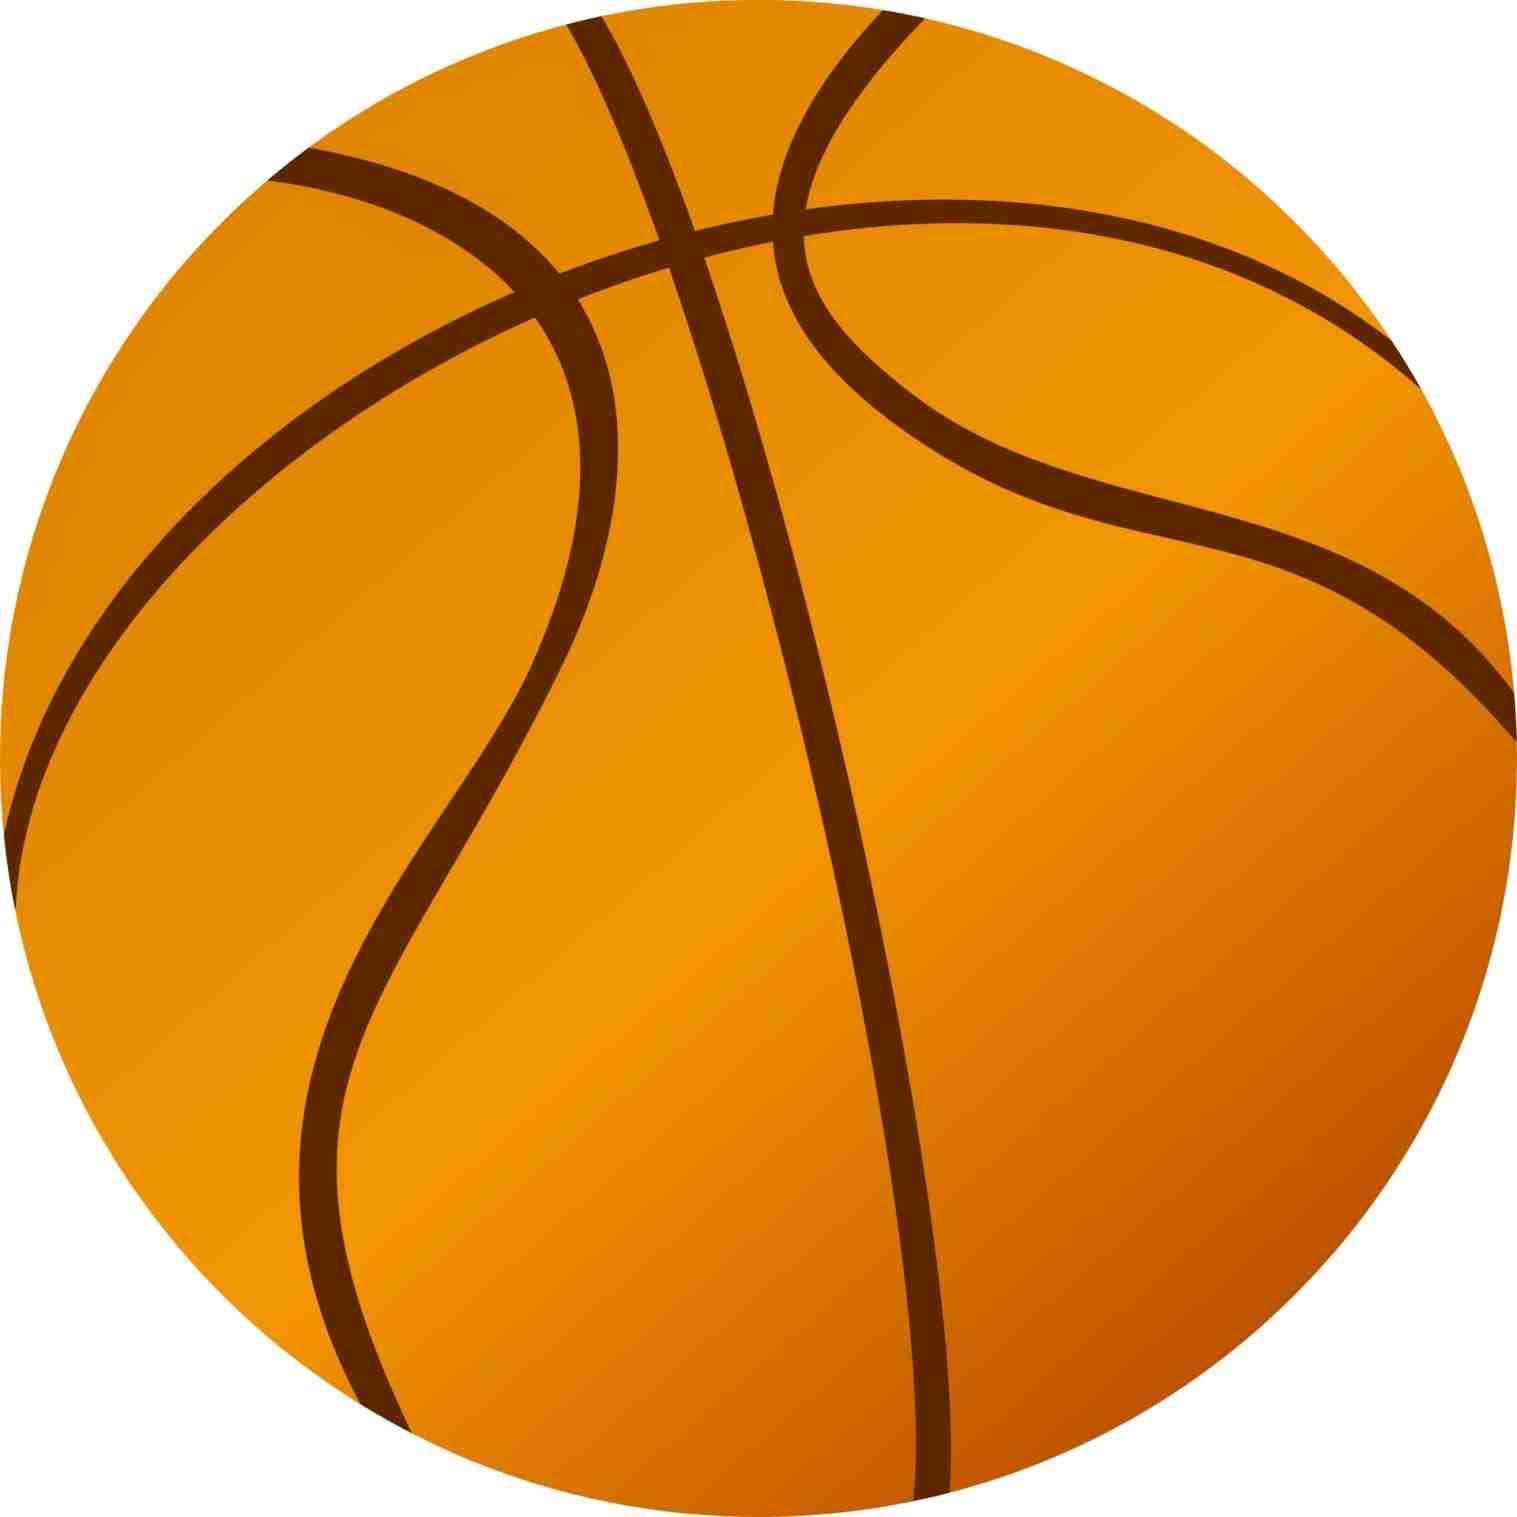 hight resolution of 1517x1517 bball ball basketball clipart court clip art at clkercom vector